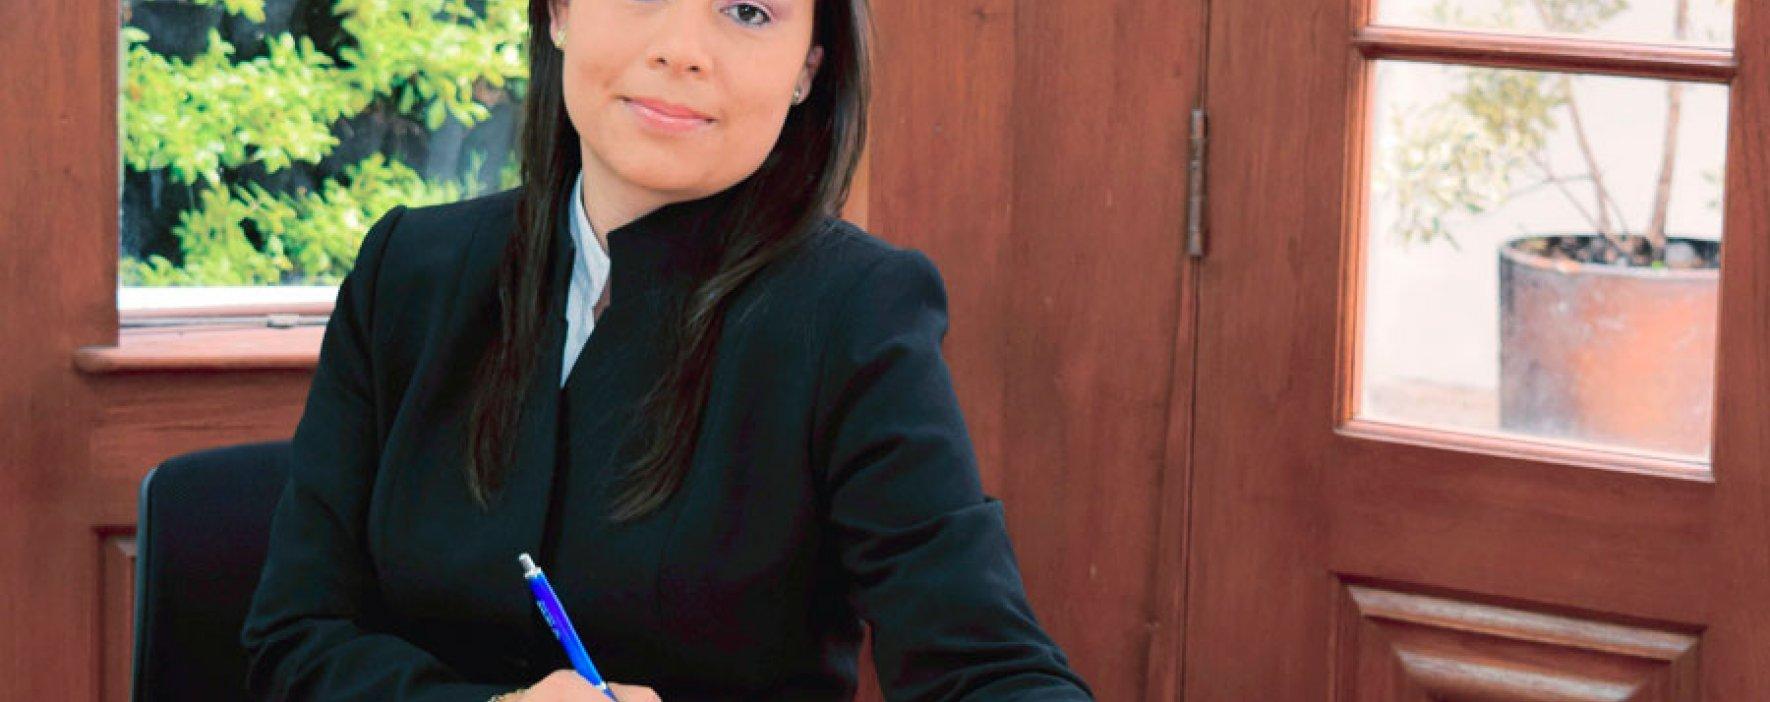 Andrea Lizarazo: una vendedora de sueños